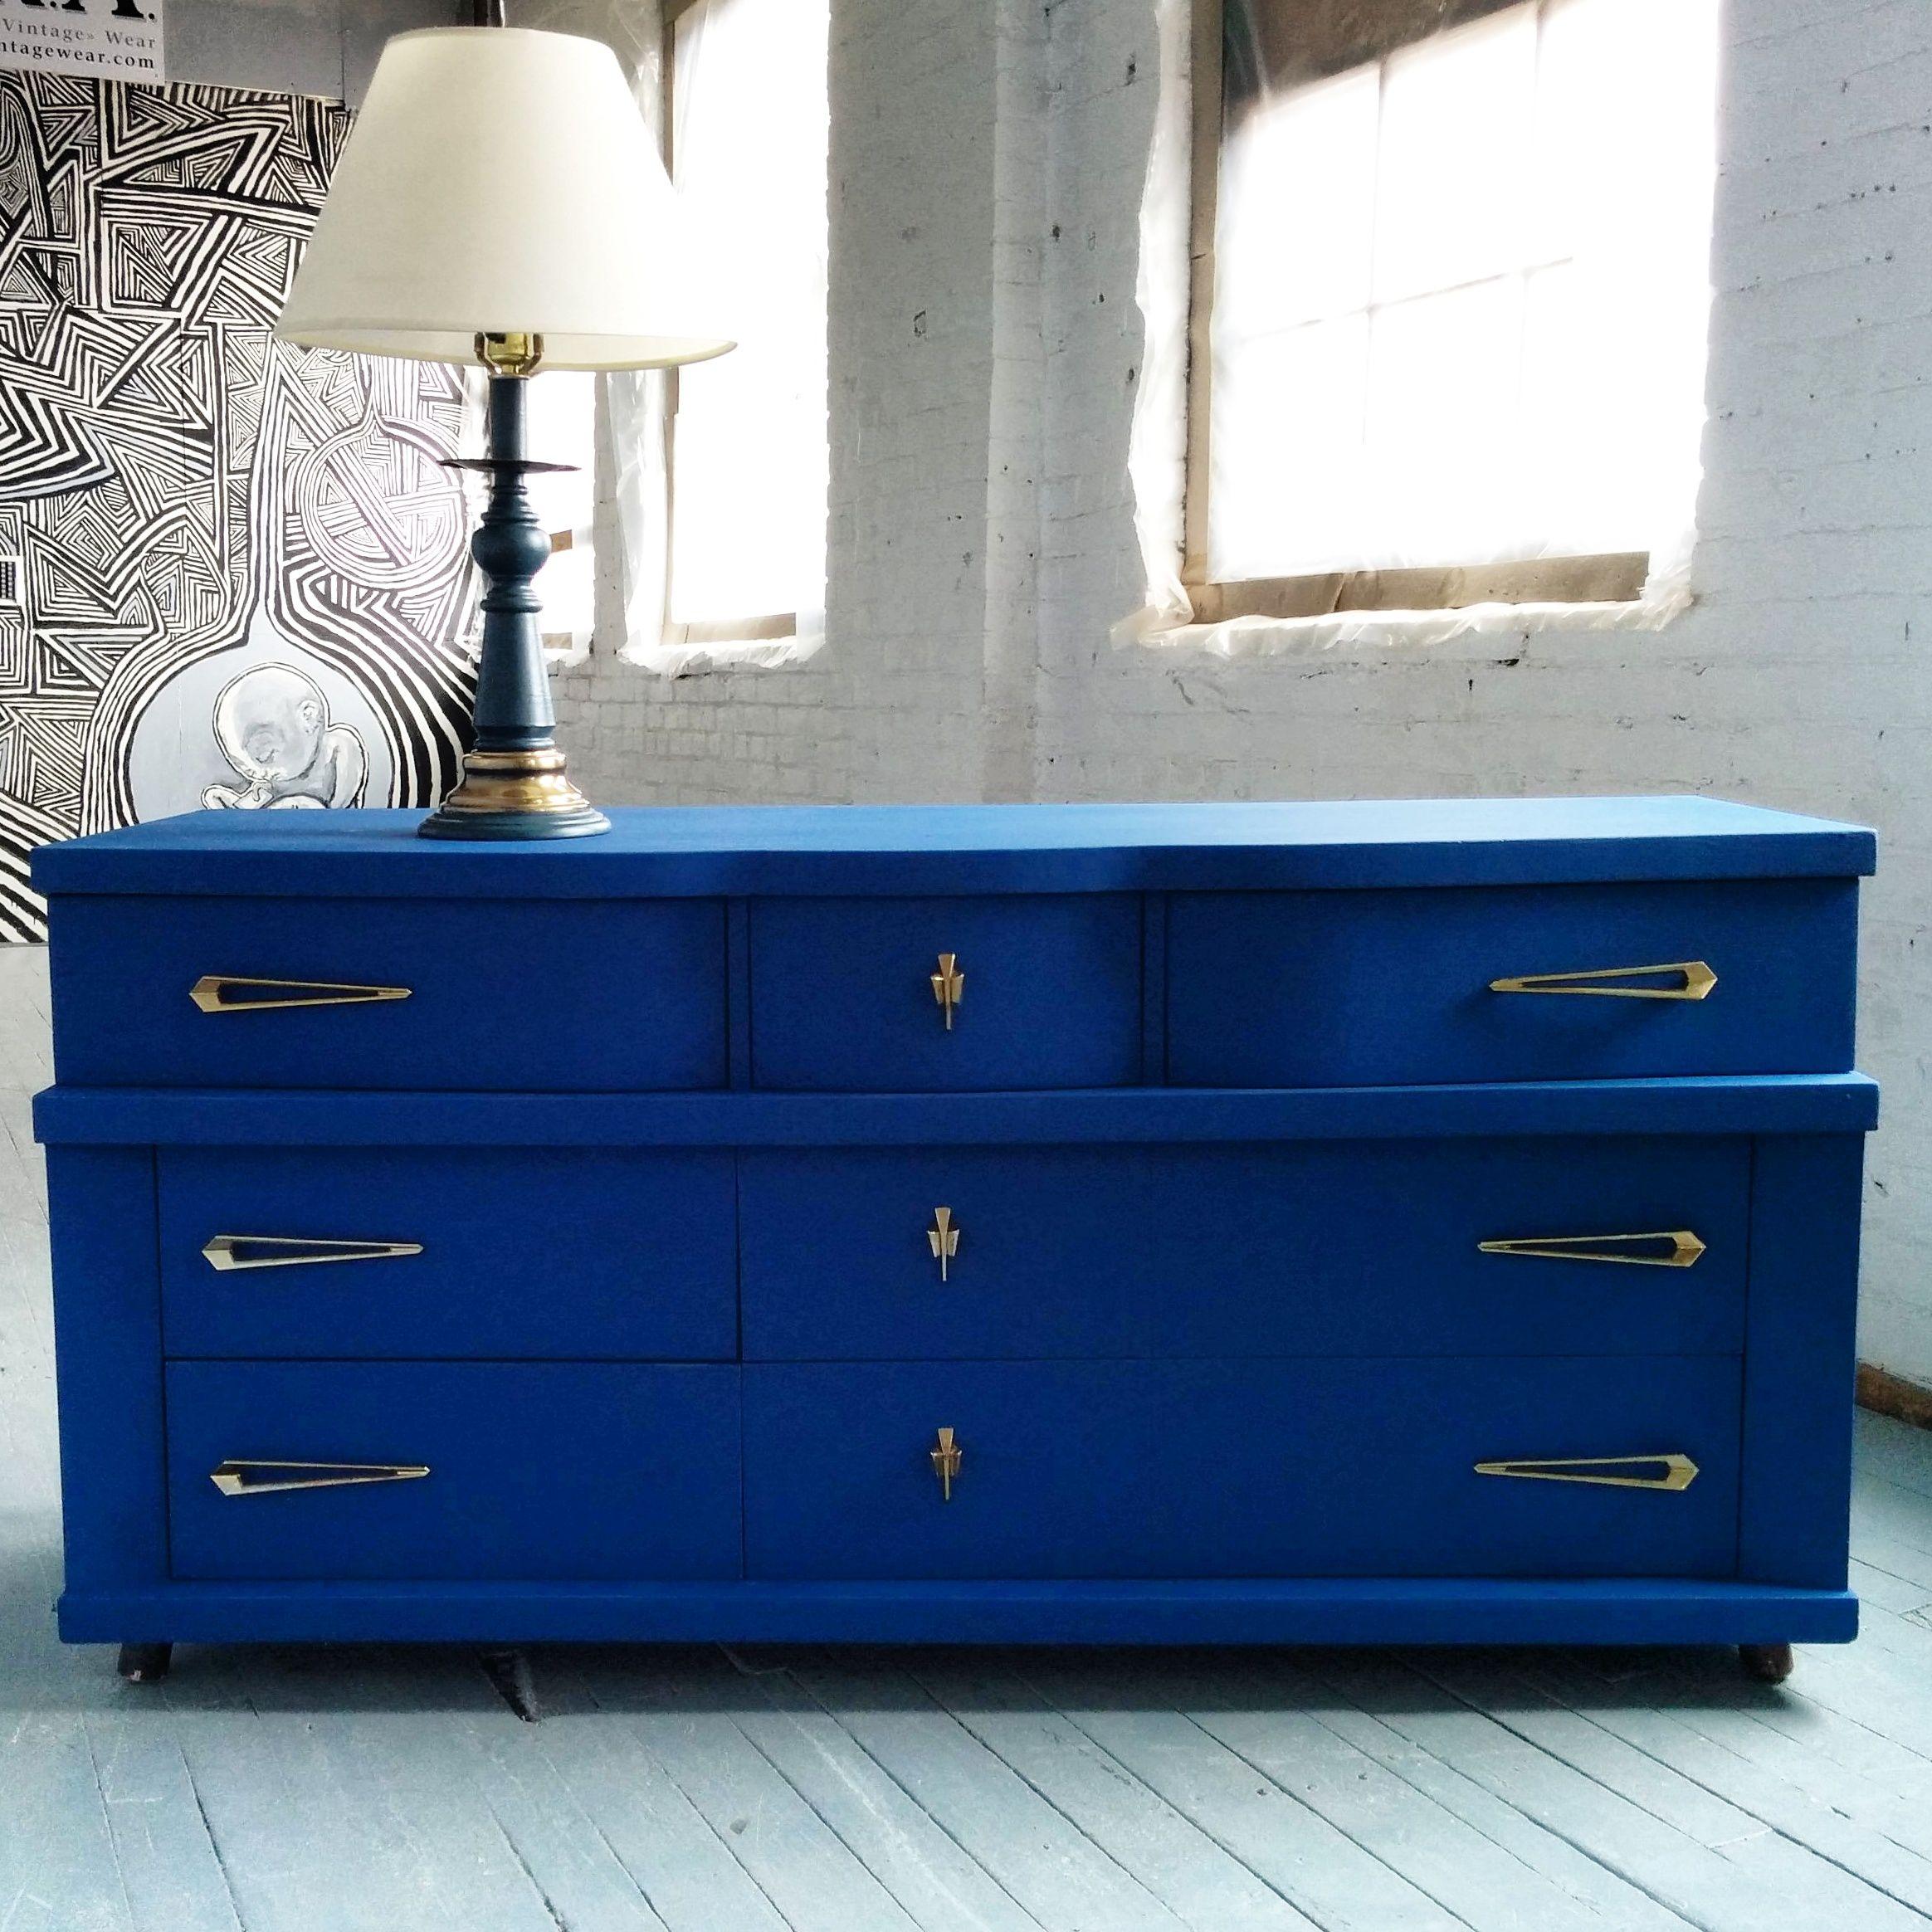 Commode jetson mid century bleu et dor e rehauss la - Peinture a la craie pour meuble ...